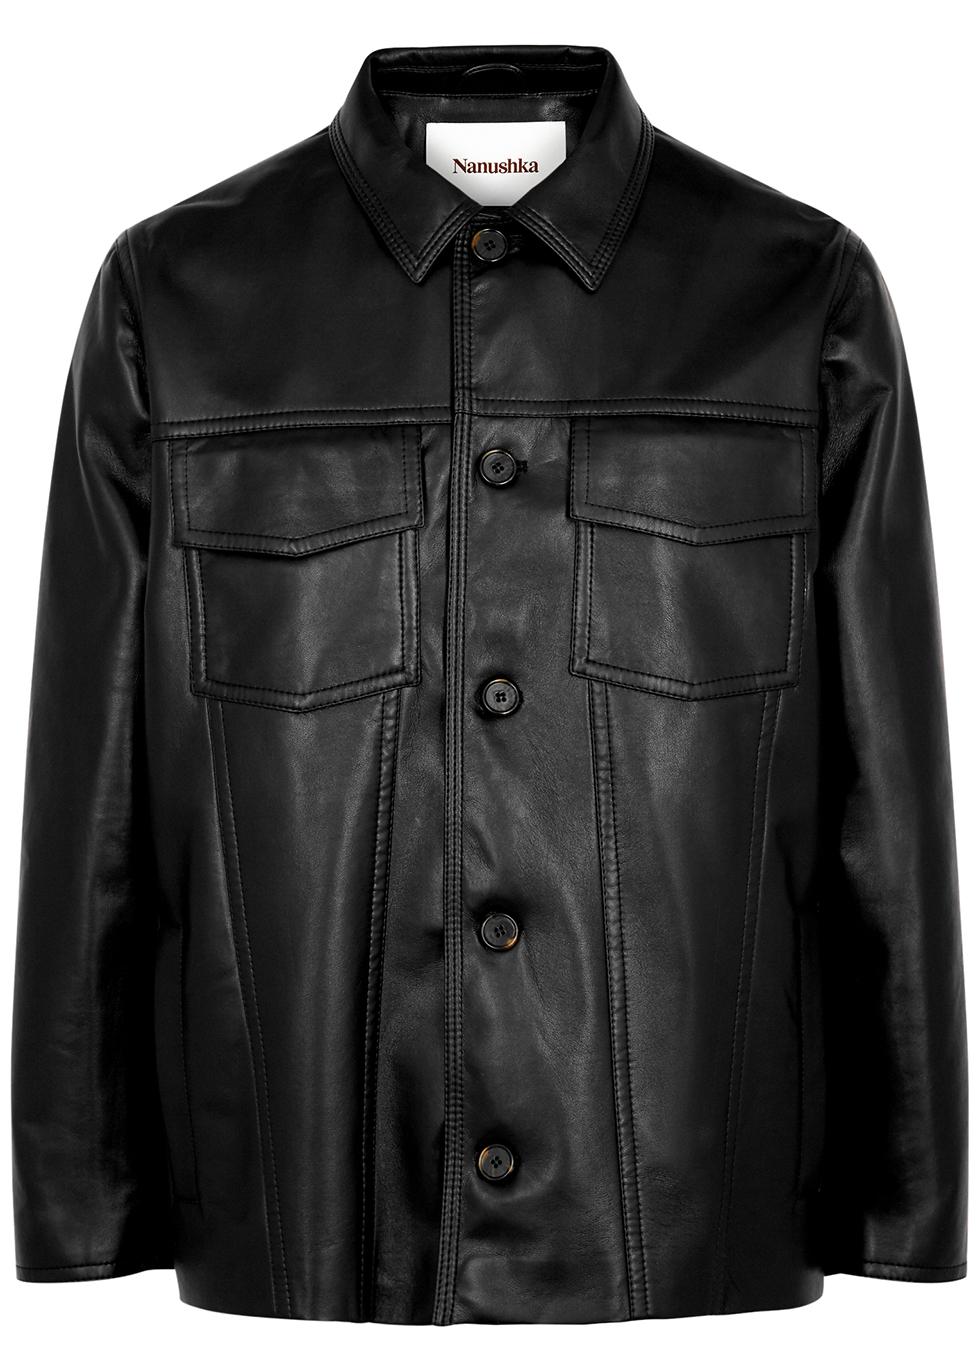 Cody black regenerated leather jacket